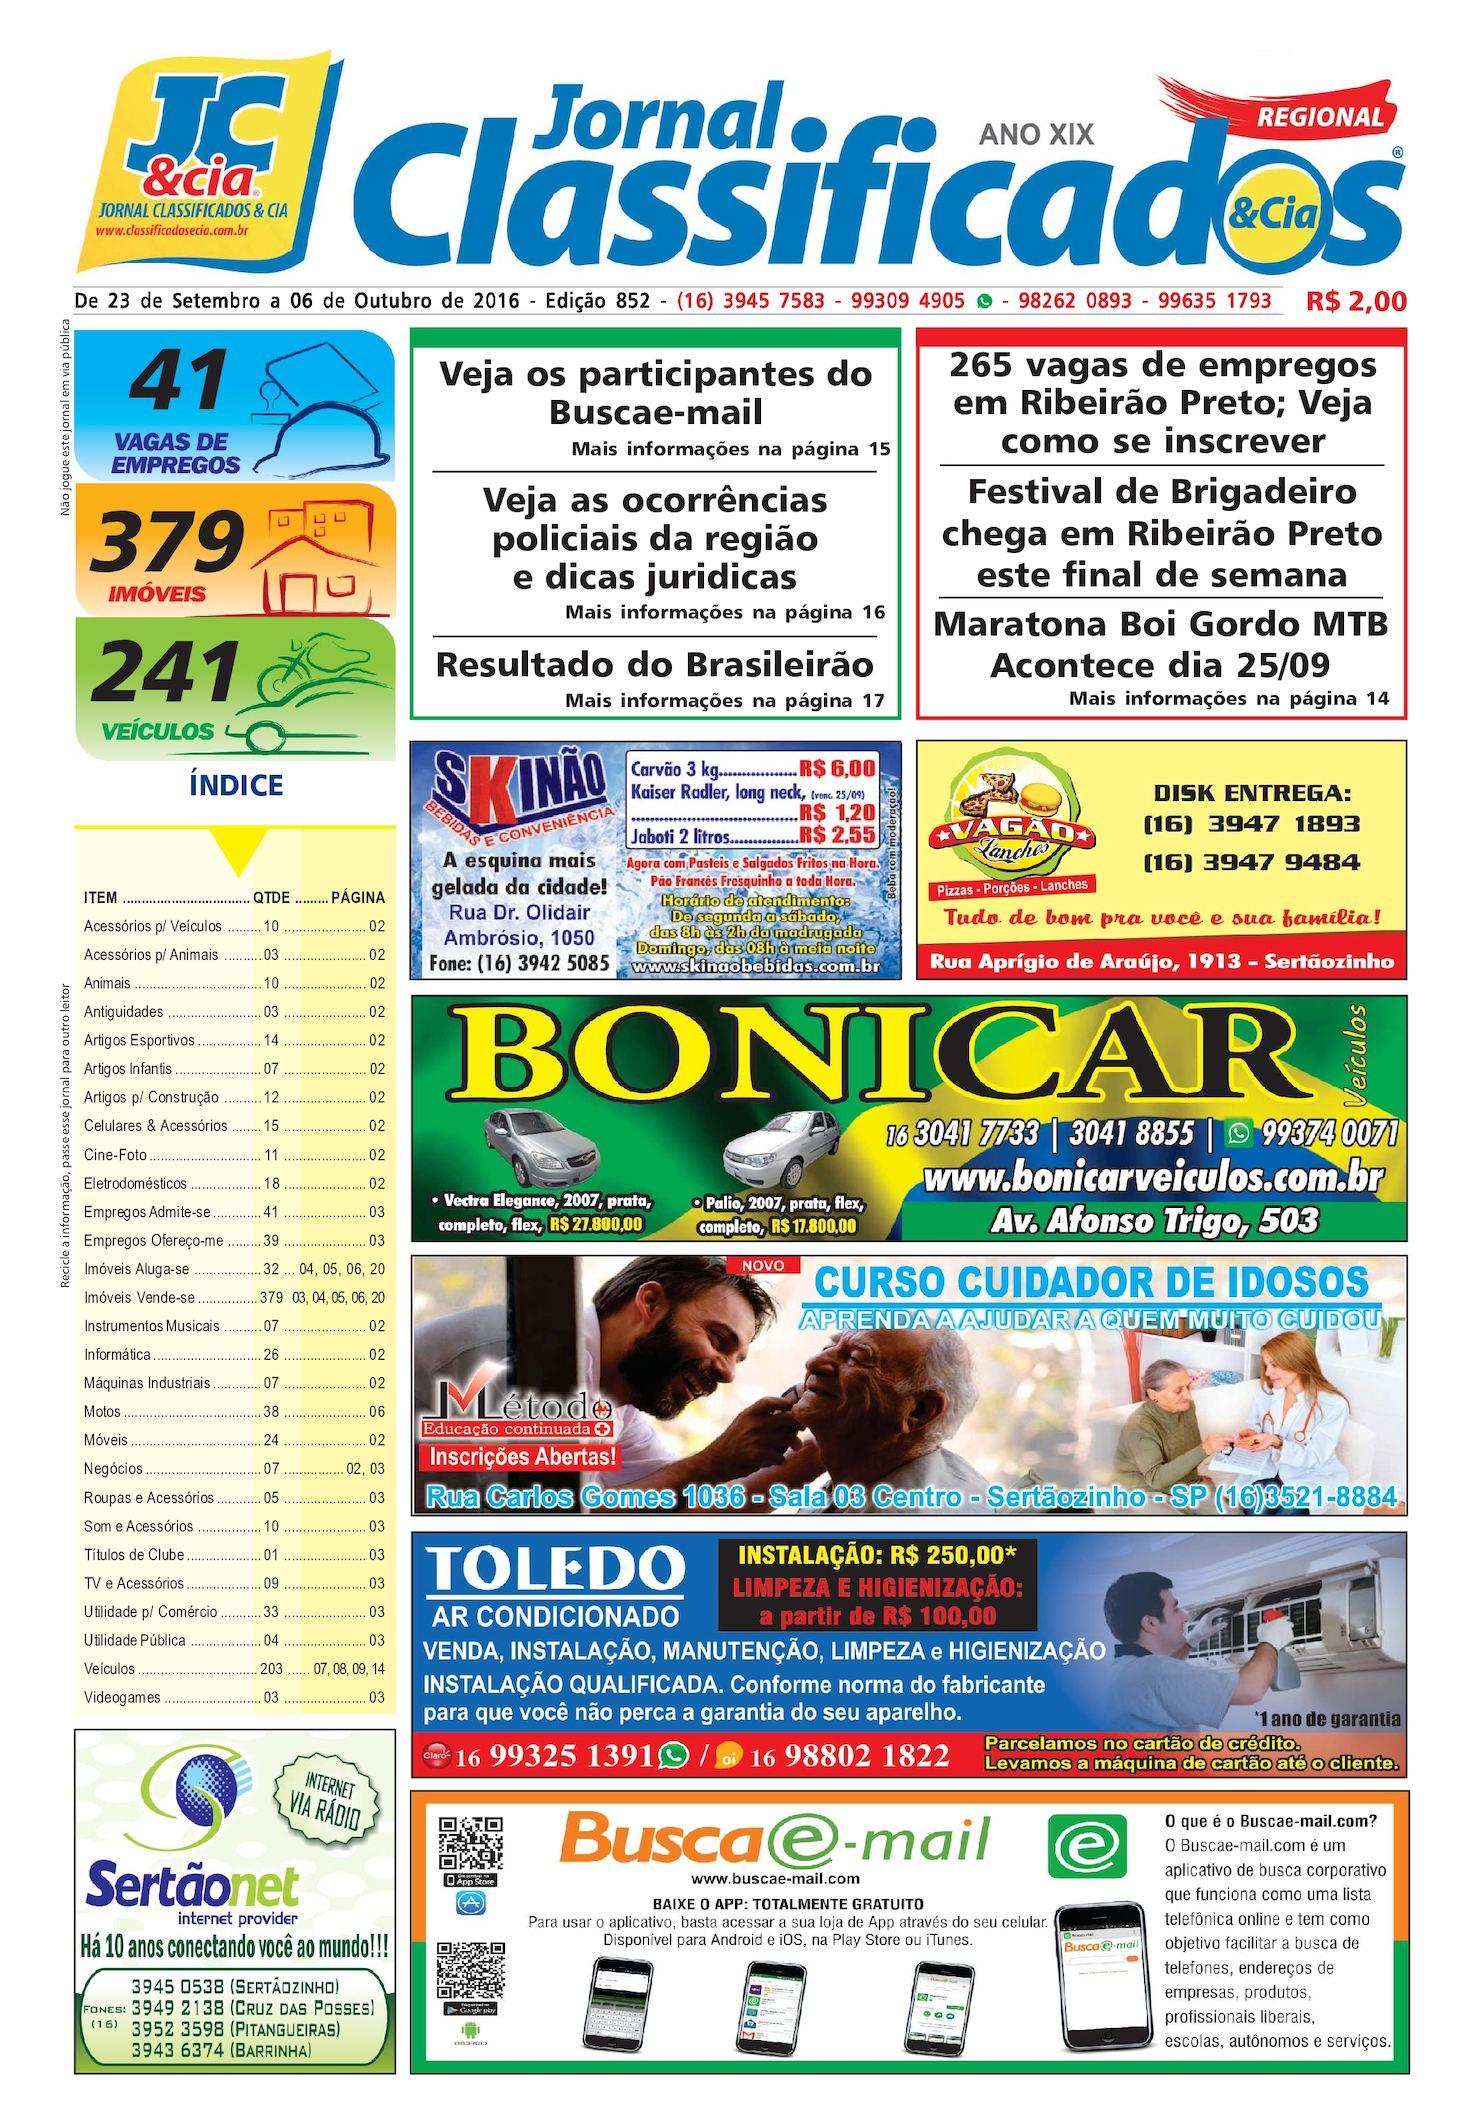 ad9110654e Calaméo - Regional 852